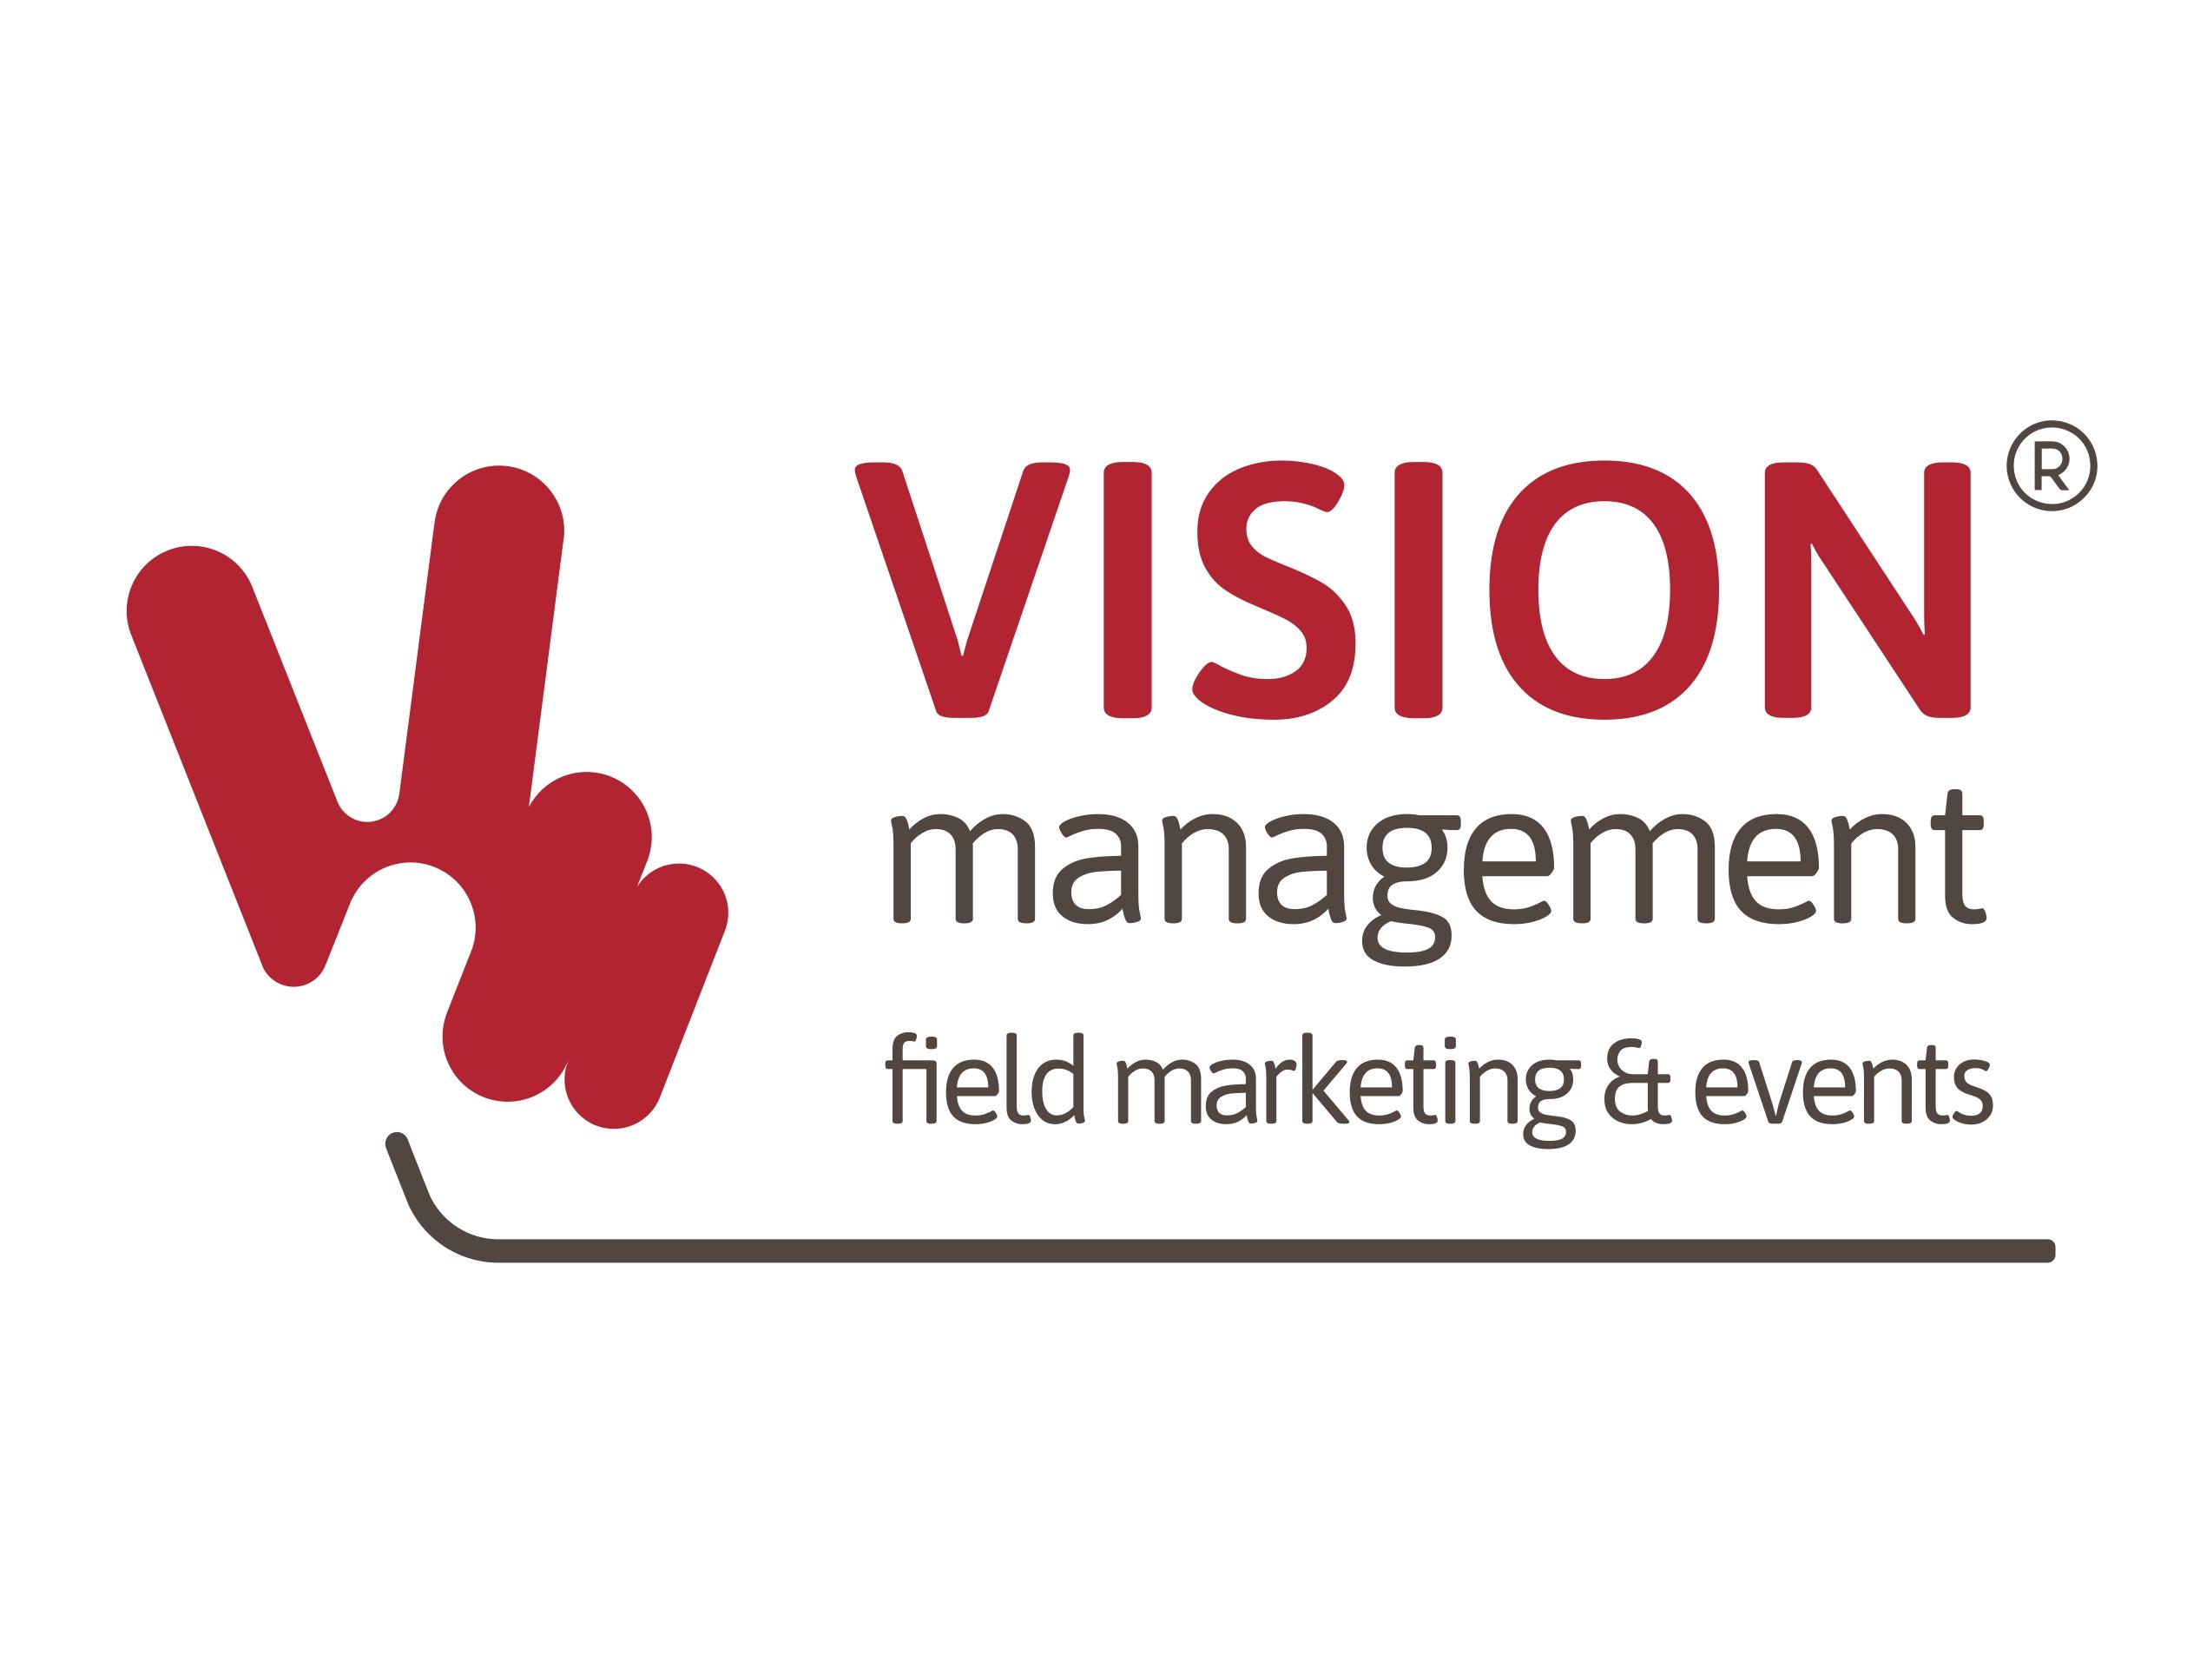 VISON MANAGEMENT